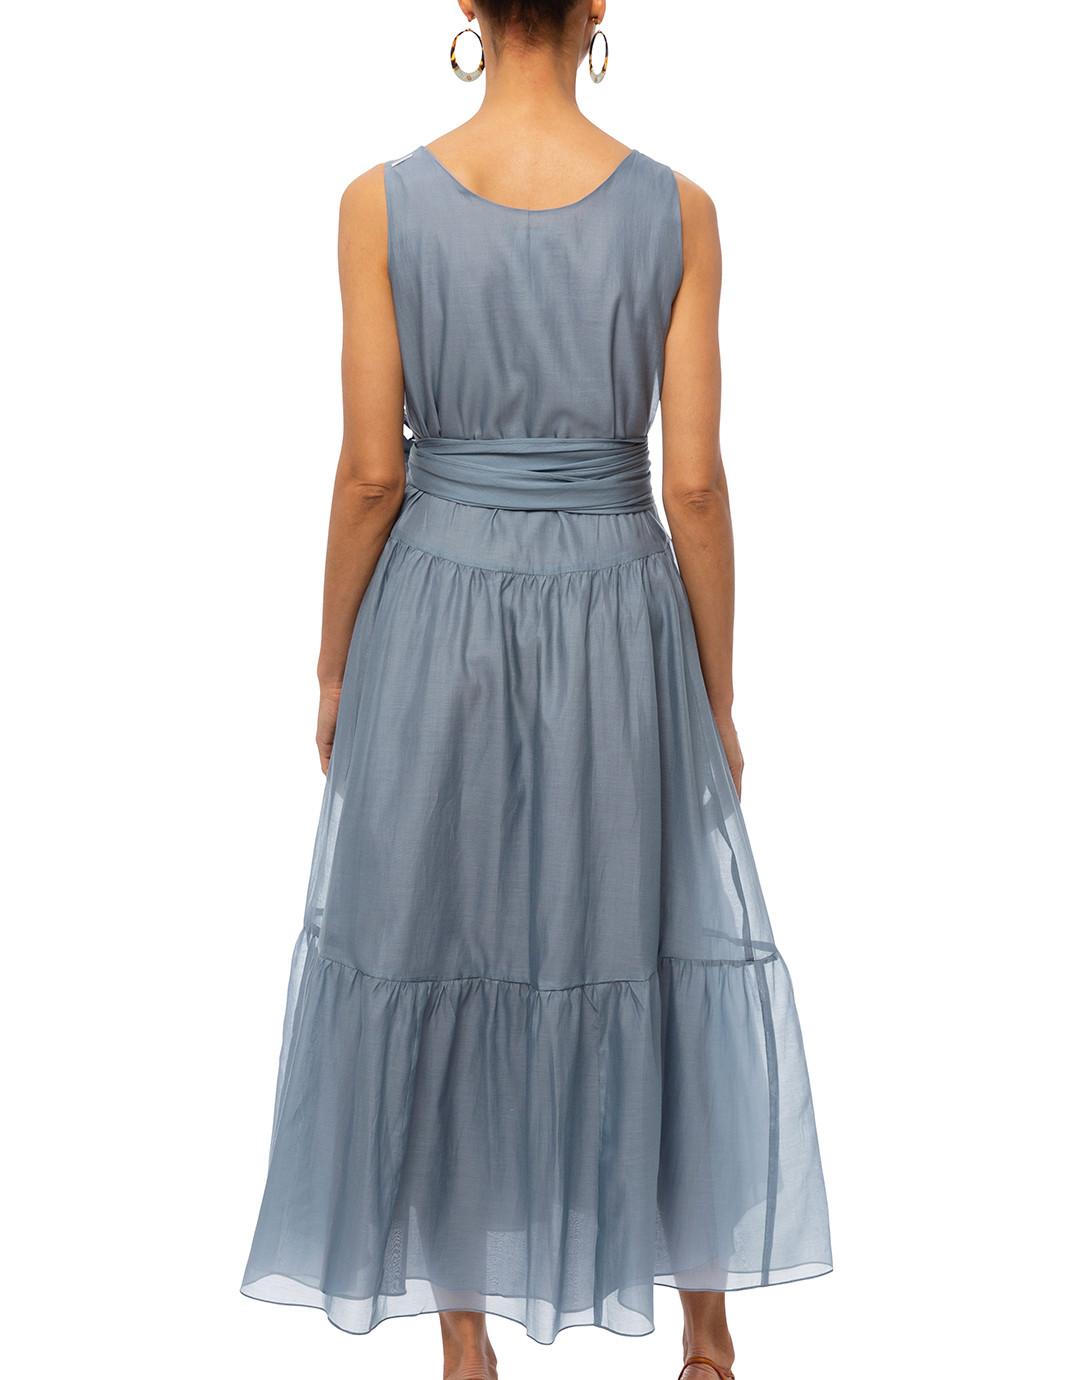 d7bed2c7ed Manche Light Blue Silk Cotton Voile Dress